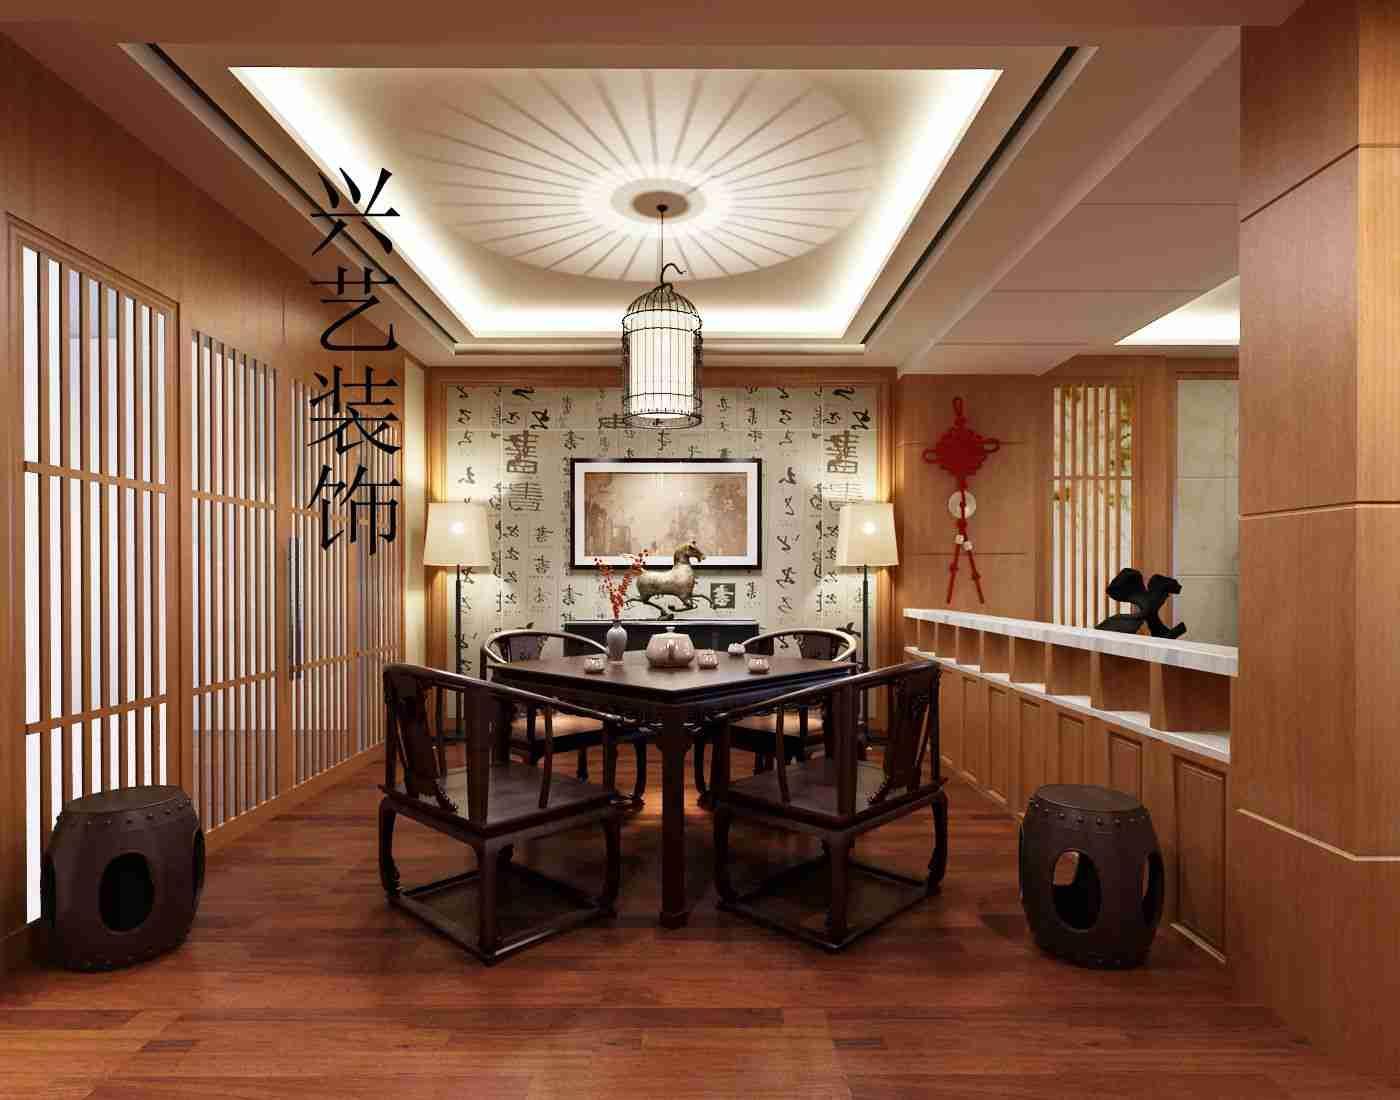 上海装饰设计公司/上海室内装饰设计公司